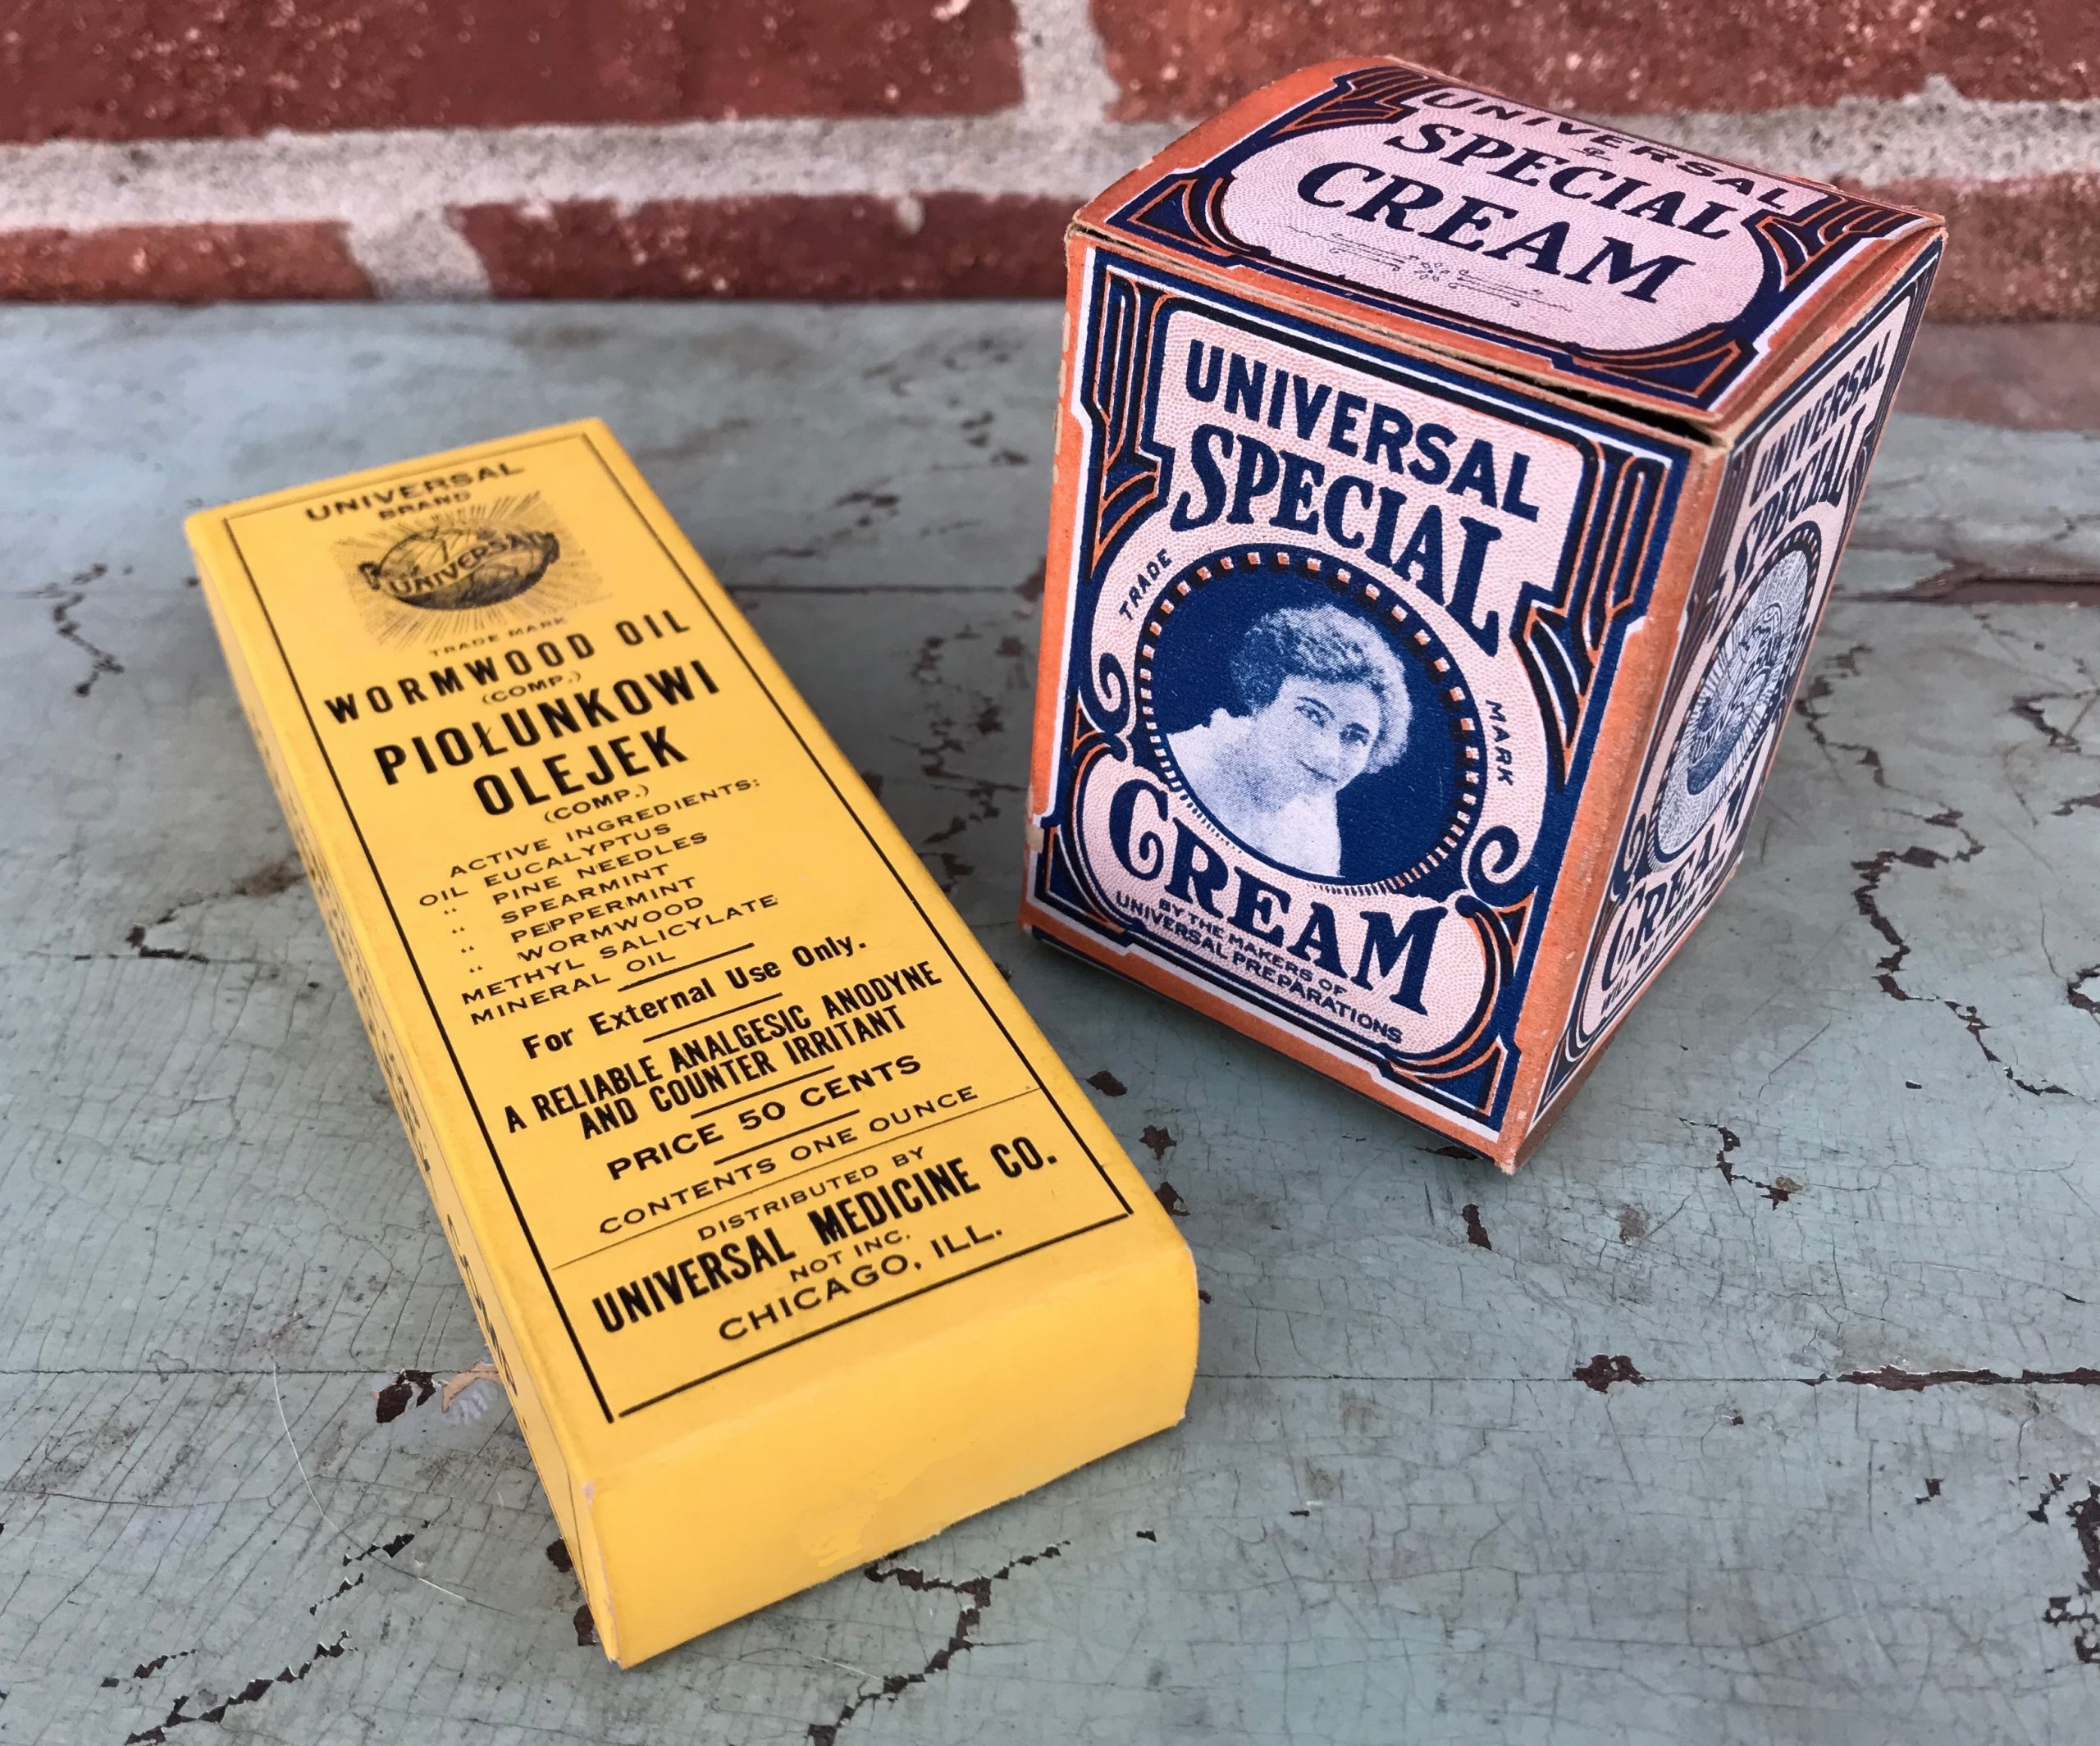 Universal Special Cream